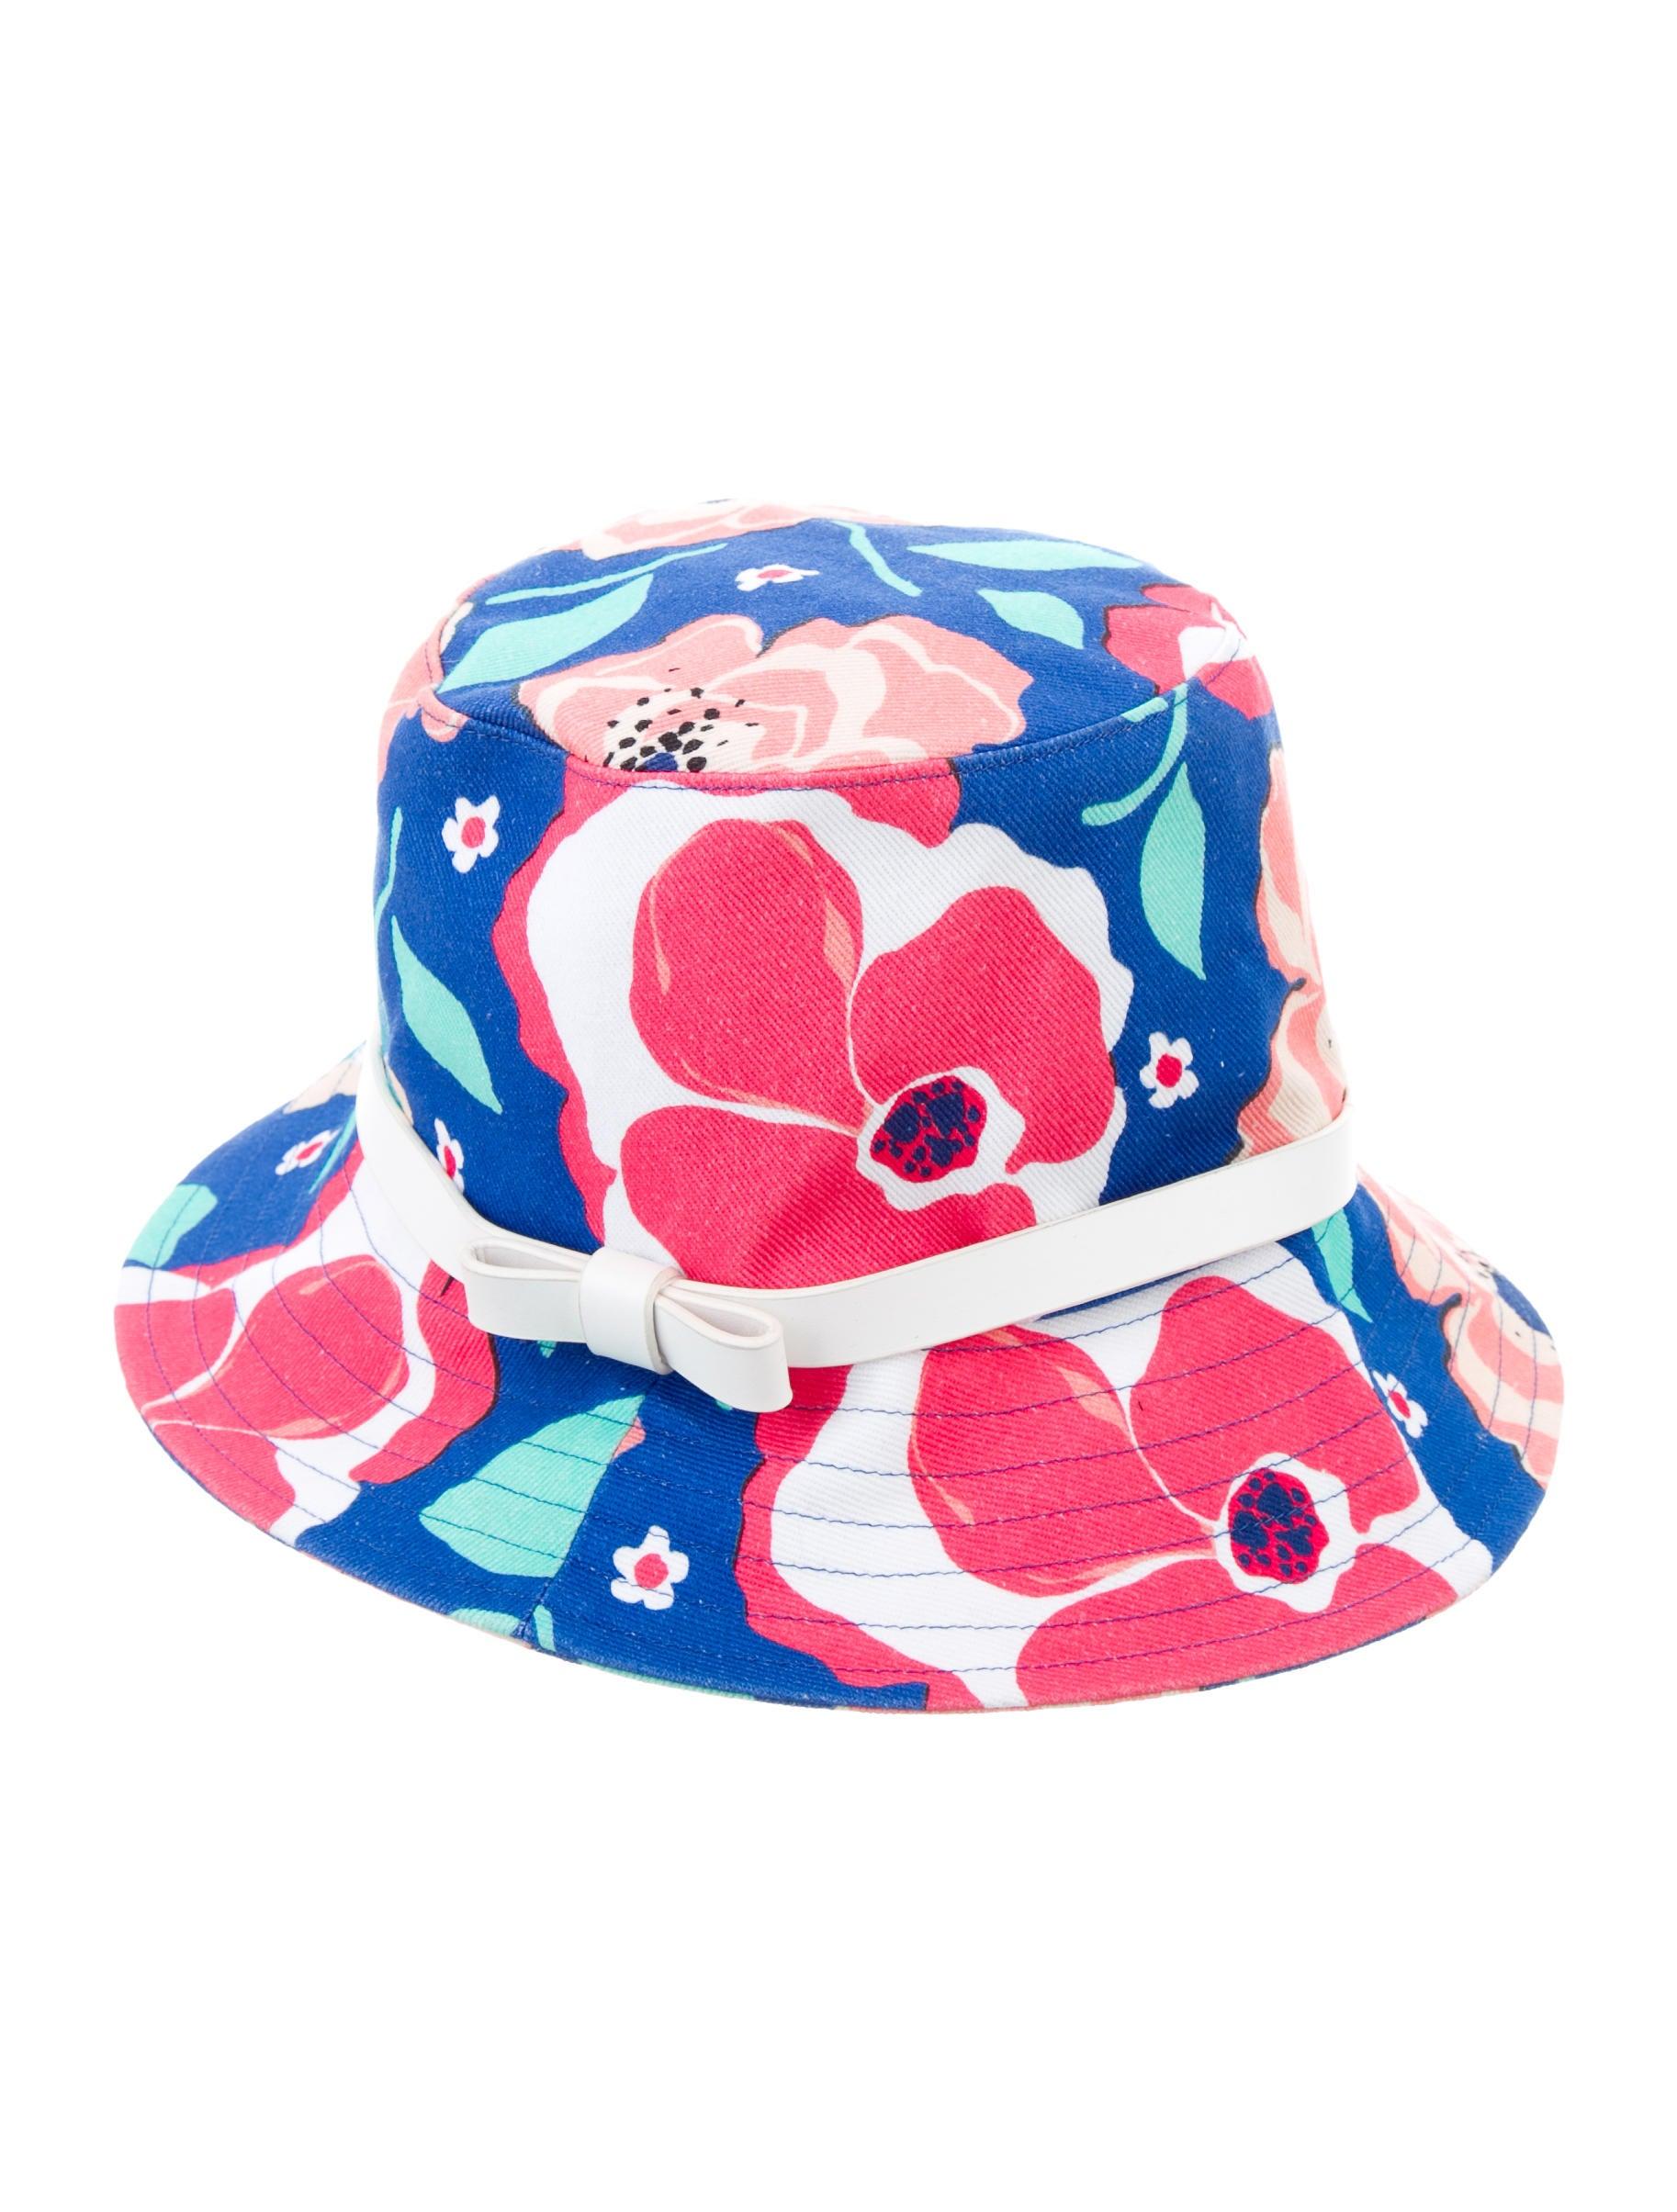 4db4b723588 Kate Spade New York Floral Bucket Hat - Accessories - WKA50962